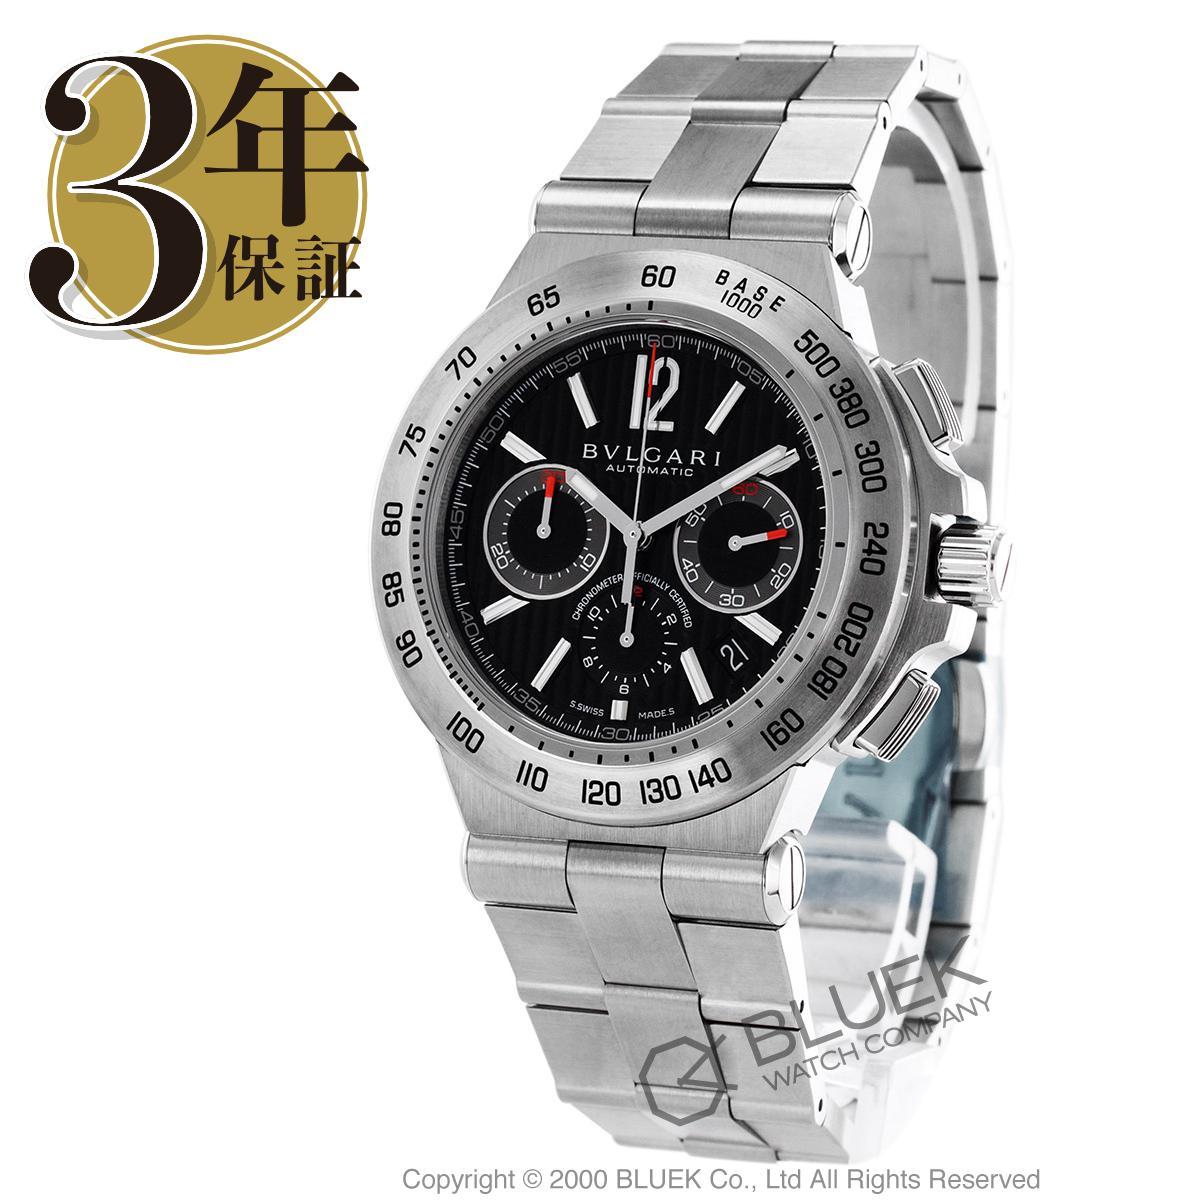 ブルガリ ディアゴノ プロフェッショナル テラ クロノグラフ 腕時計 メンズ BVLGARI DP42BSSDCH_8 バーゲン ギフト プレゼント